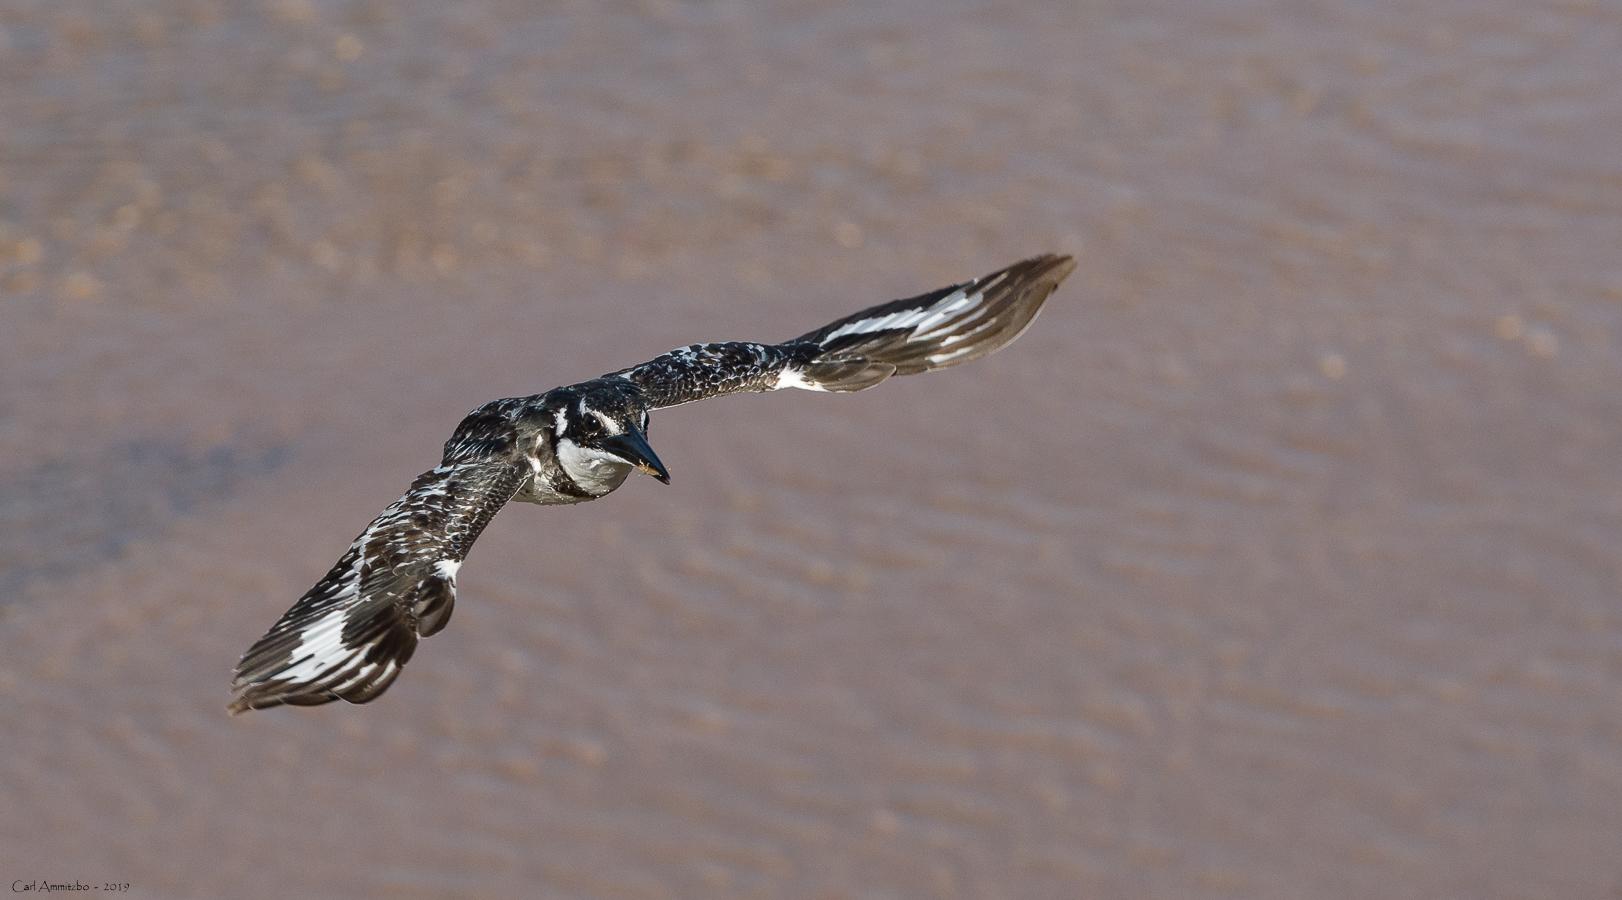 08 - 0221 - Pied Kingfisher - 01 - Kruger